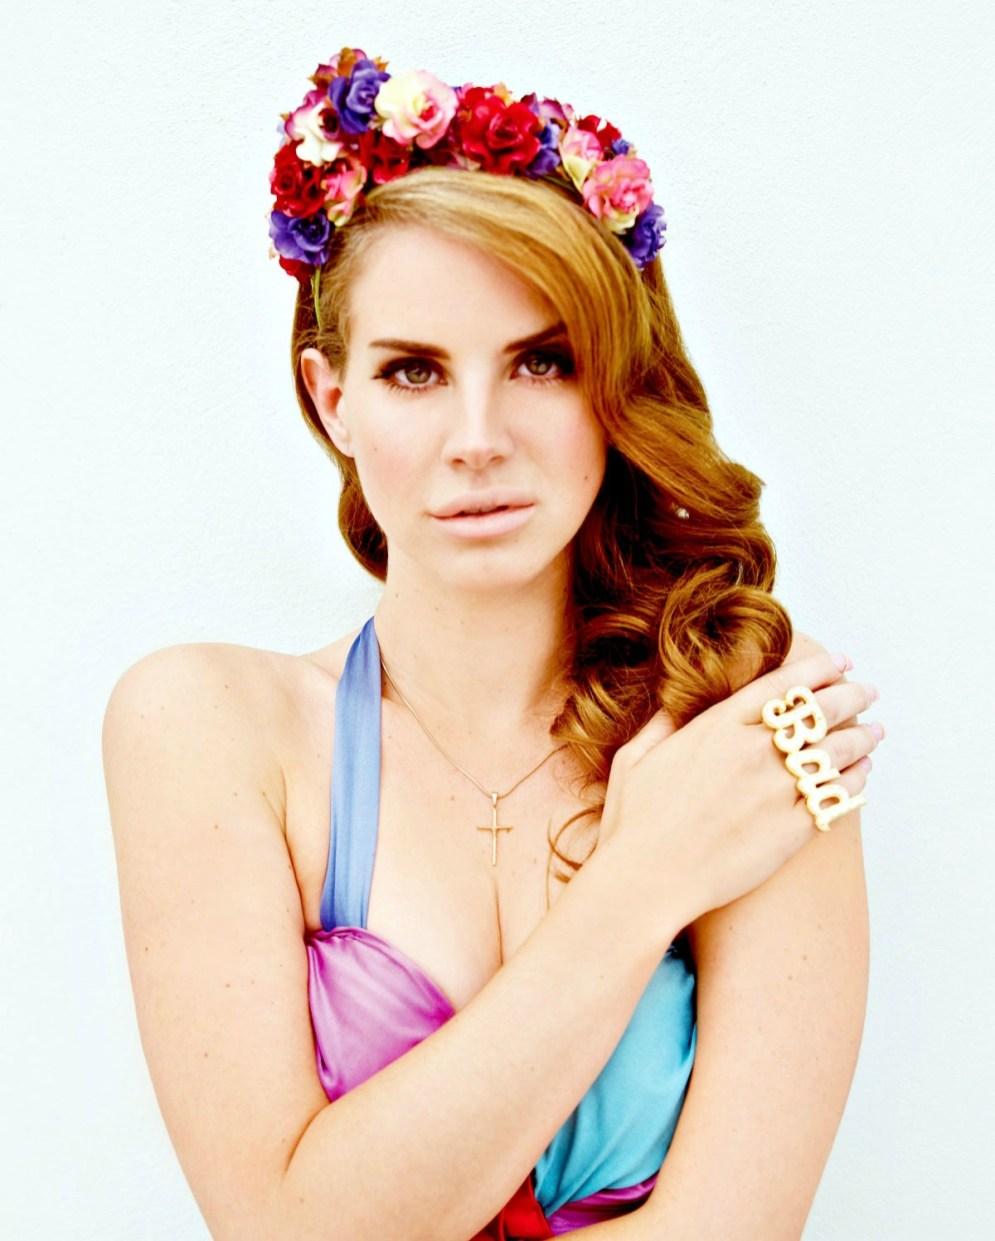 Lana Del Rey by Nicole Nodland.